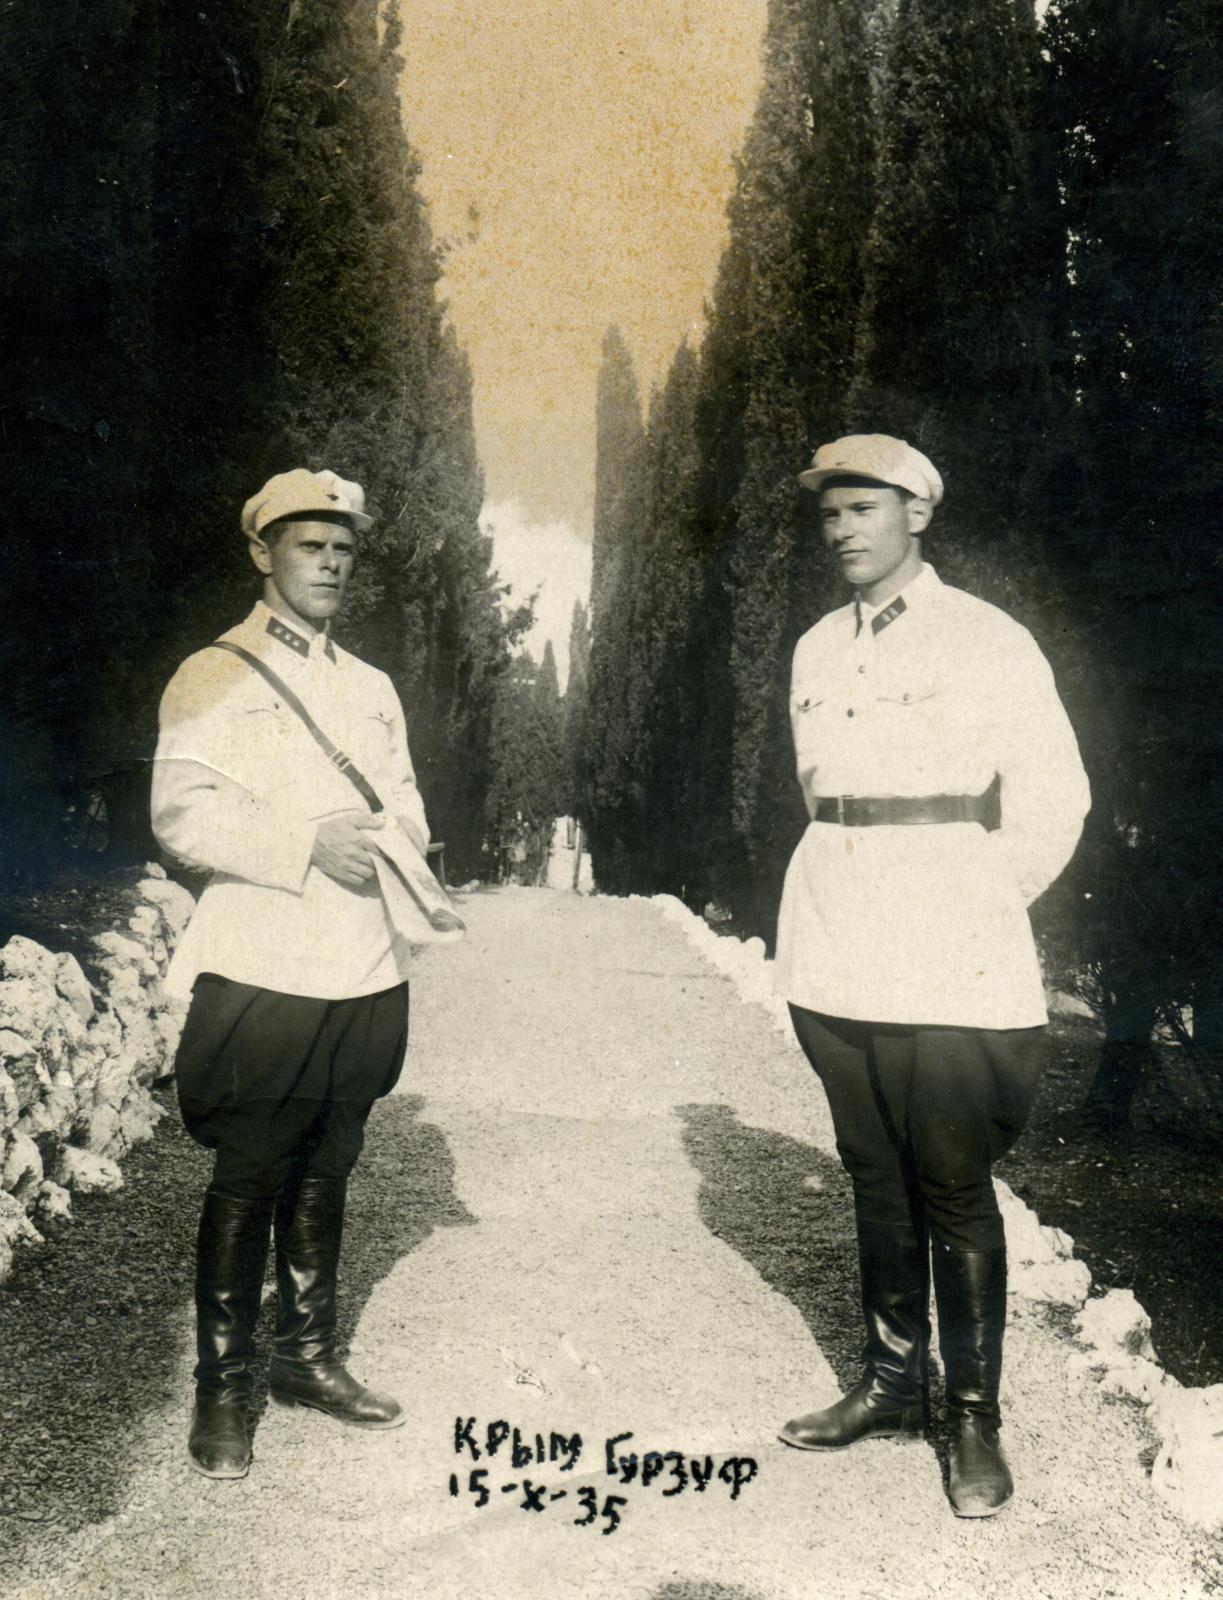 1935. Тов. Змушко (справа) с коллегой-чекистом на курорте, Крым, Гурзуф, 15.10.